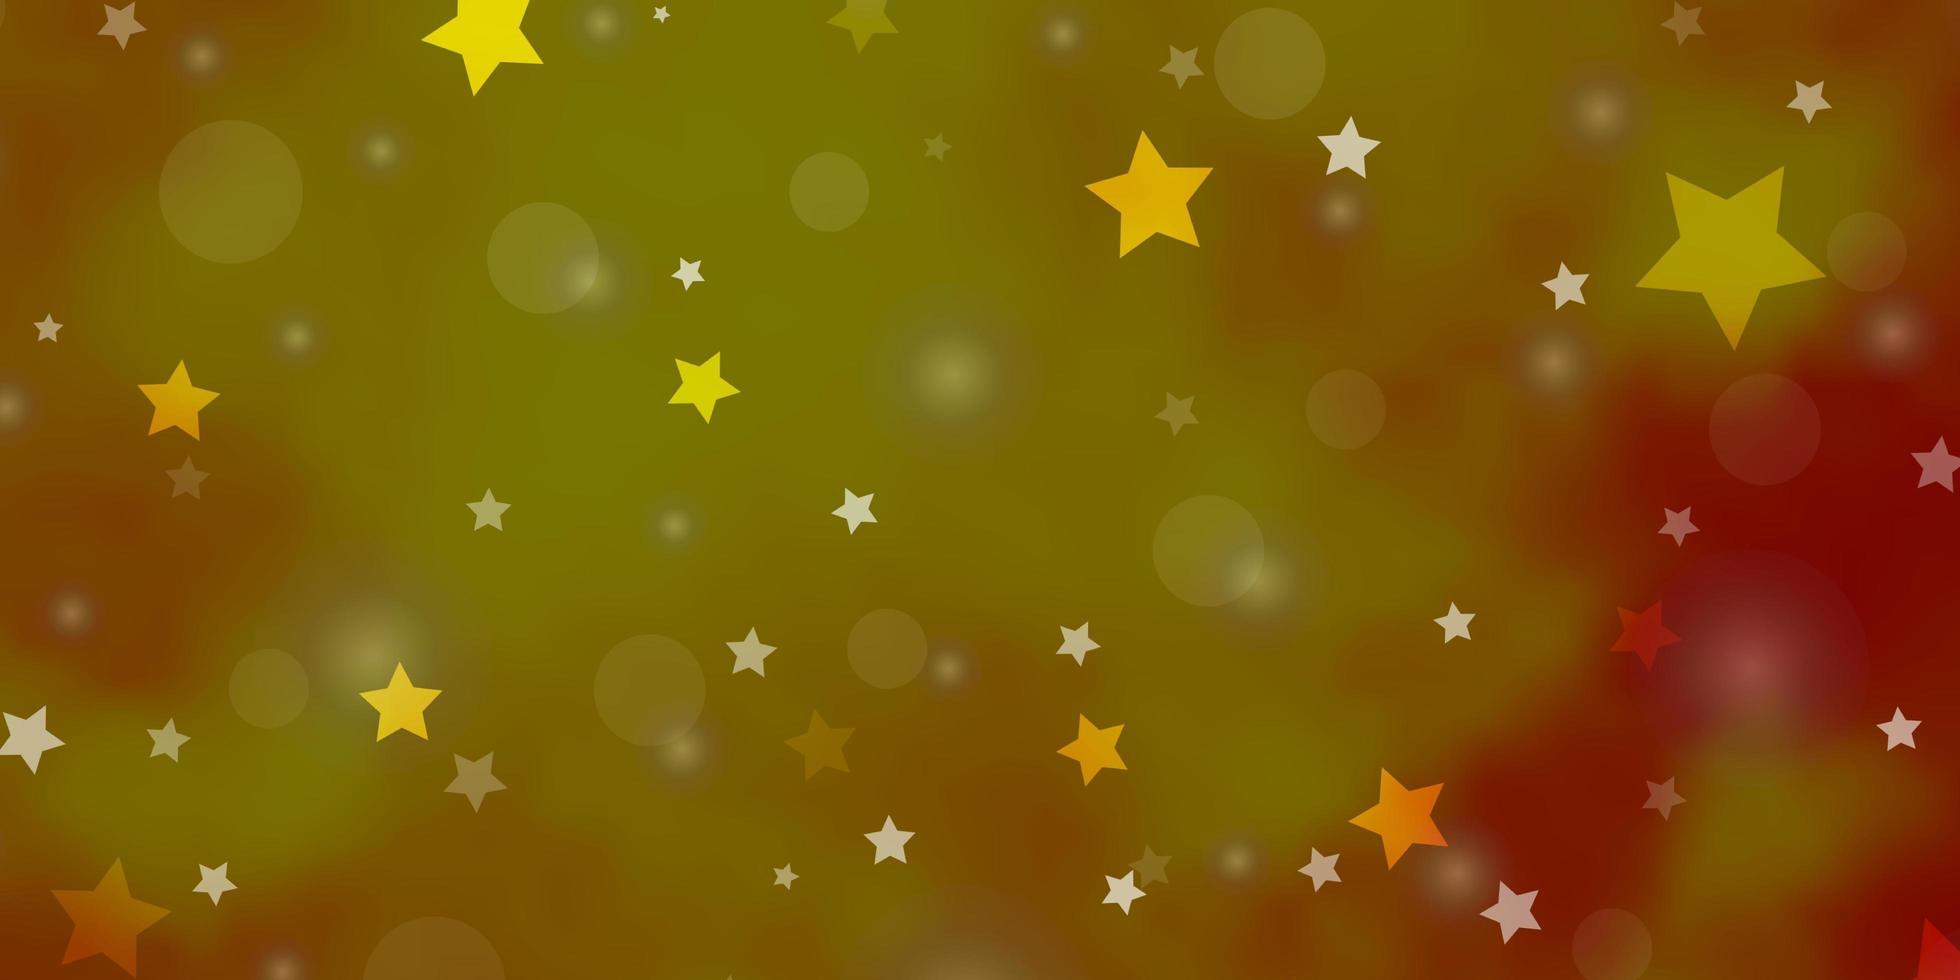 helloranger Vektorhintergrund mit Kreisen, Sternen. vektor